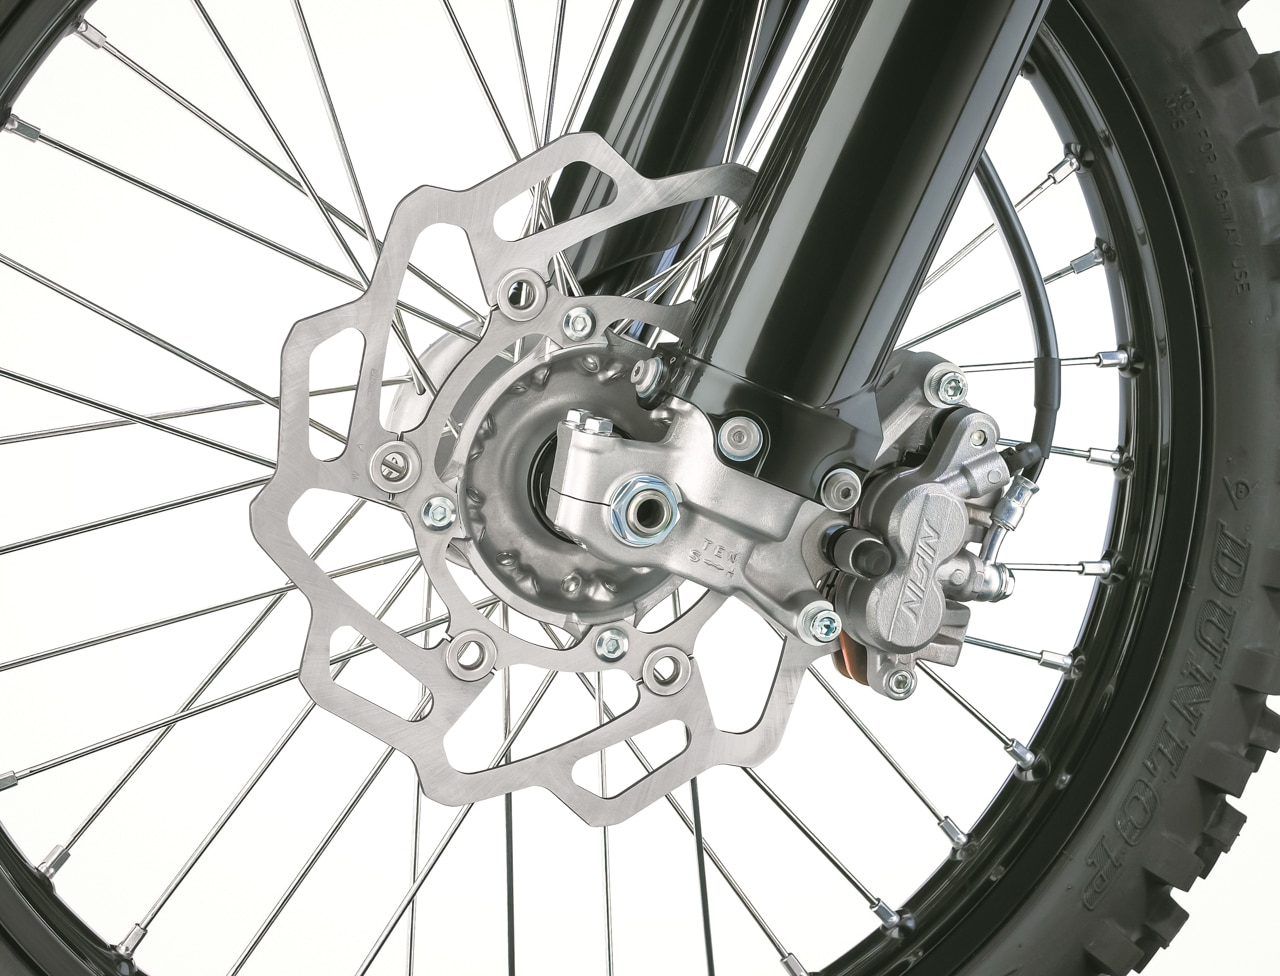 hight resolution of brakes 2019 kawasaki kx450f front rotor